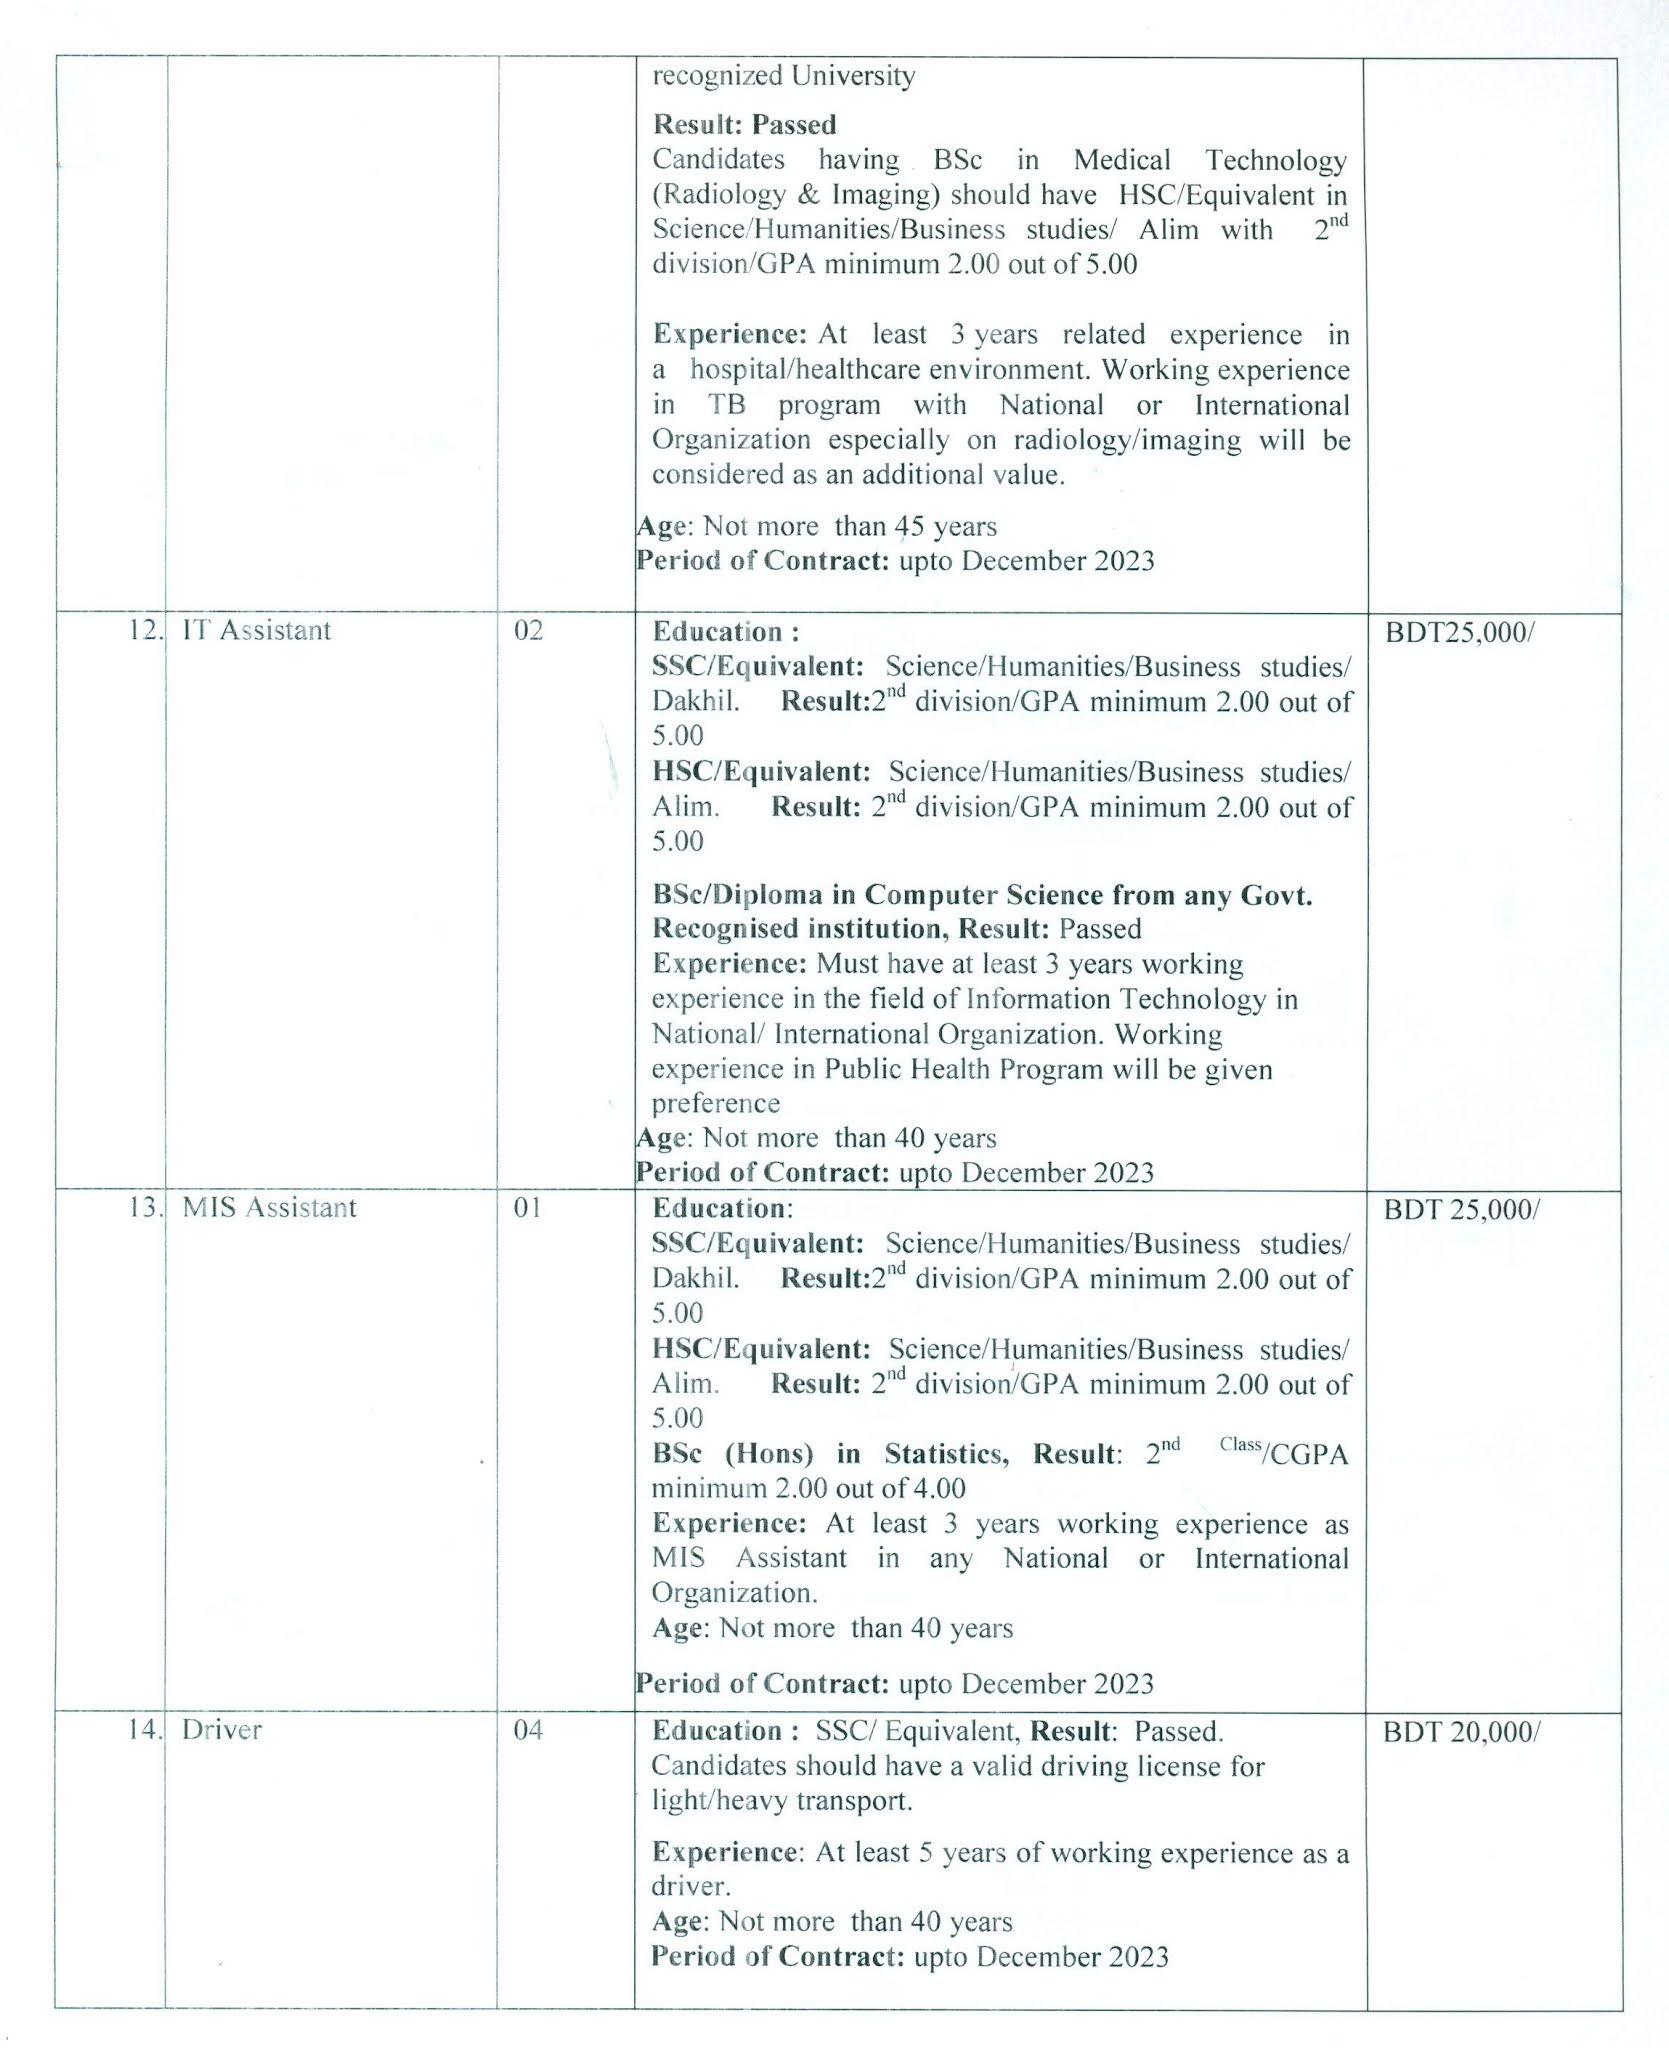 স্বাস্থ্য শিক্ষা ও পরিবার কল্যাণ বিভাগ নিয়োগ বিজ্ঞপ্তি ২০২১ - Ministry of Health and Family Welfare (MOHFW) Job Circular 2021 - সরকারি চাকরির খবর ২০২১-২০২২